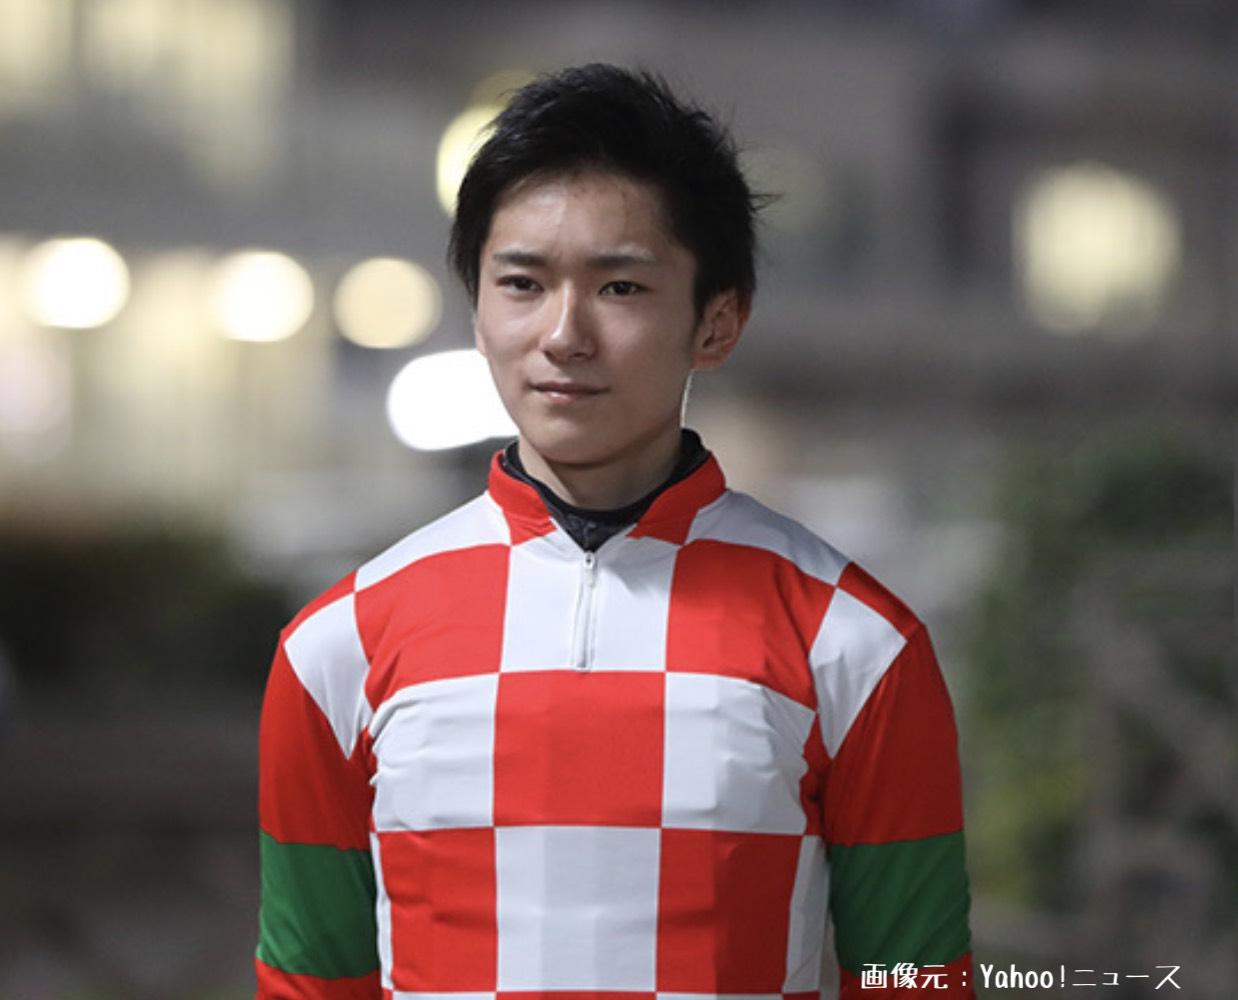 競馬界期待の若手騎手、坂井瑠星騎手の写真画像